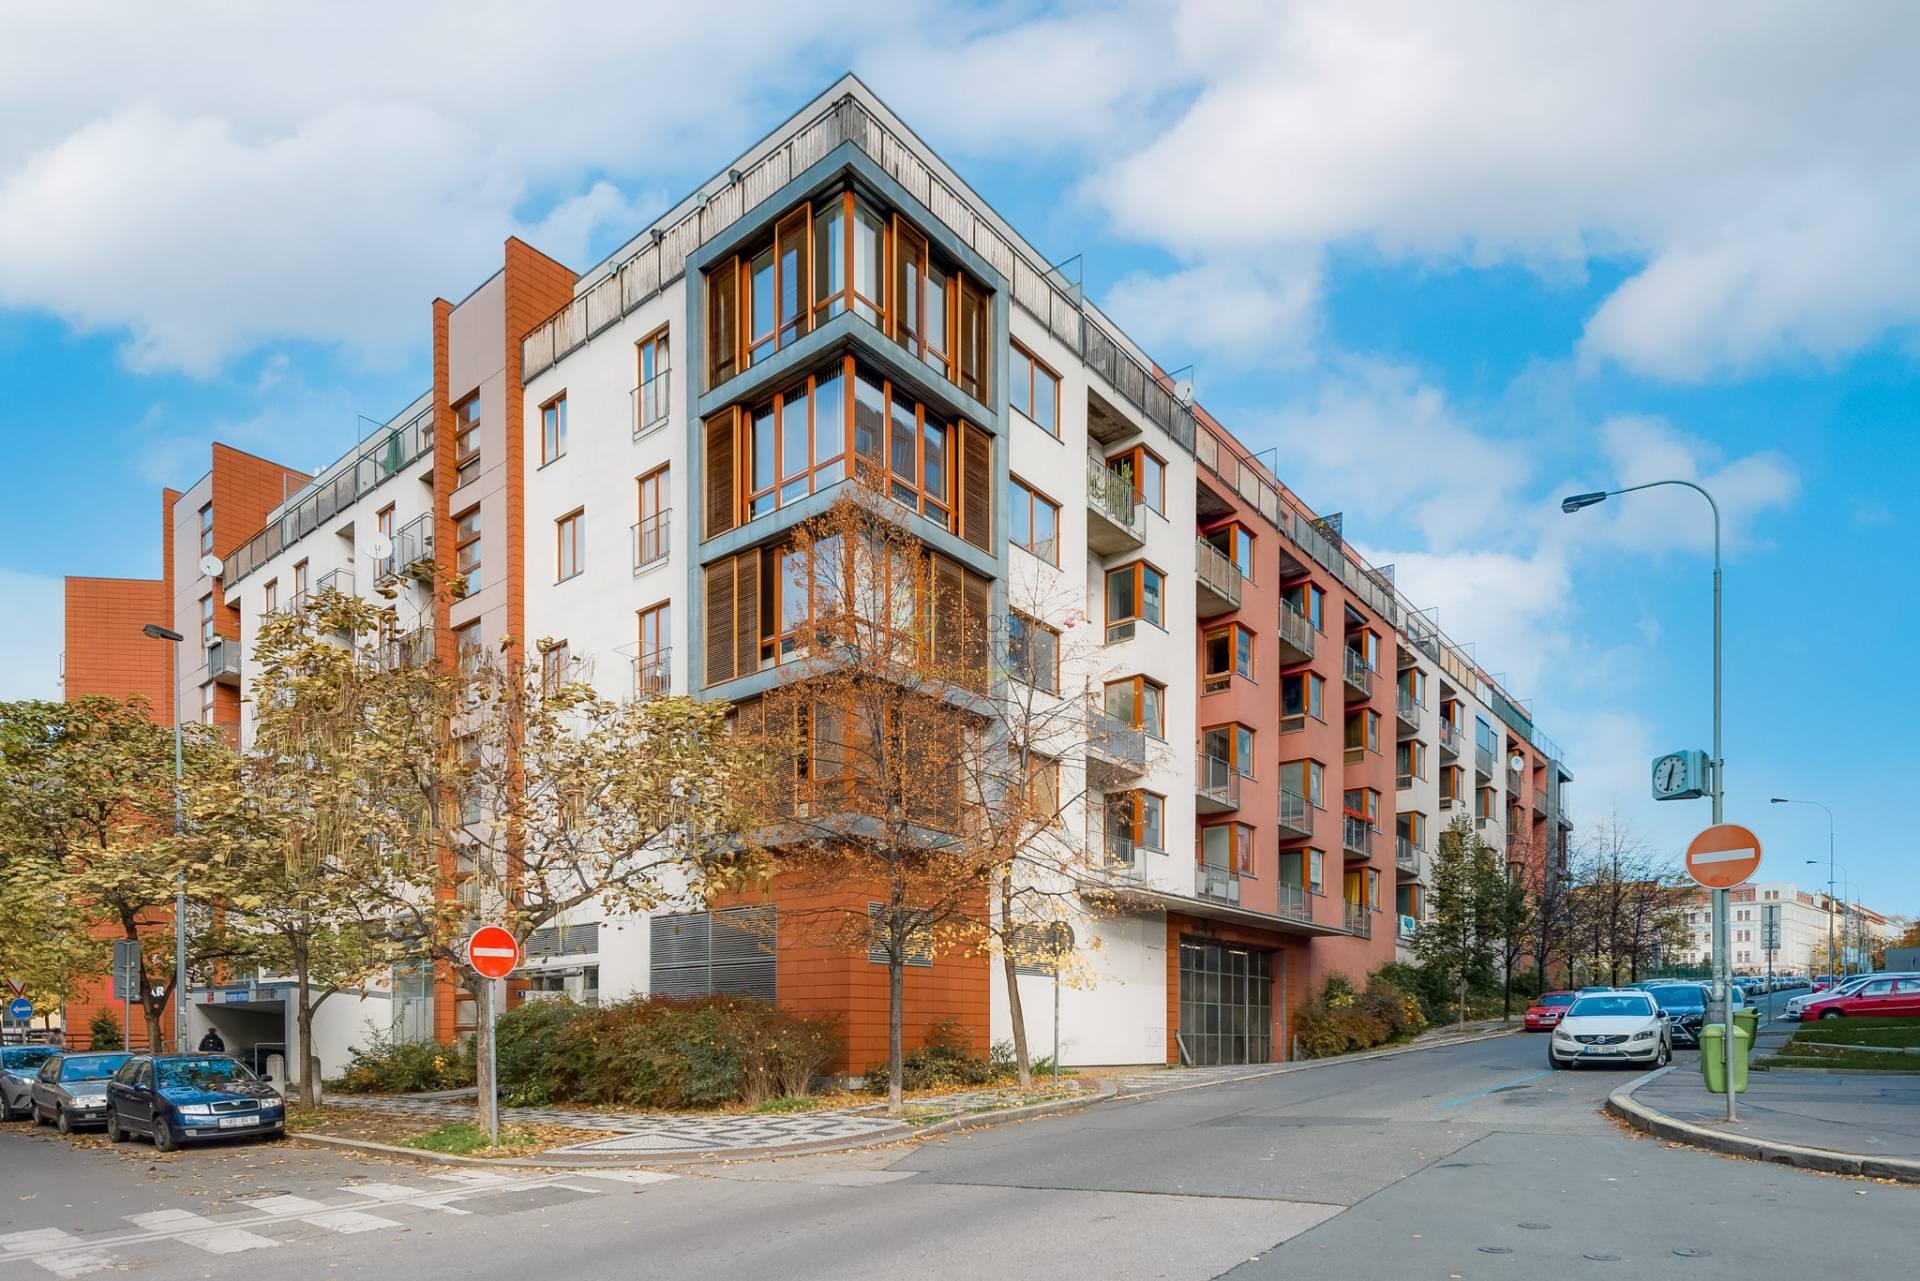 Pronájem bytu 2+kk/L/GS v rezidenci na Vítkově - ul.Roháčova, Praha 3